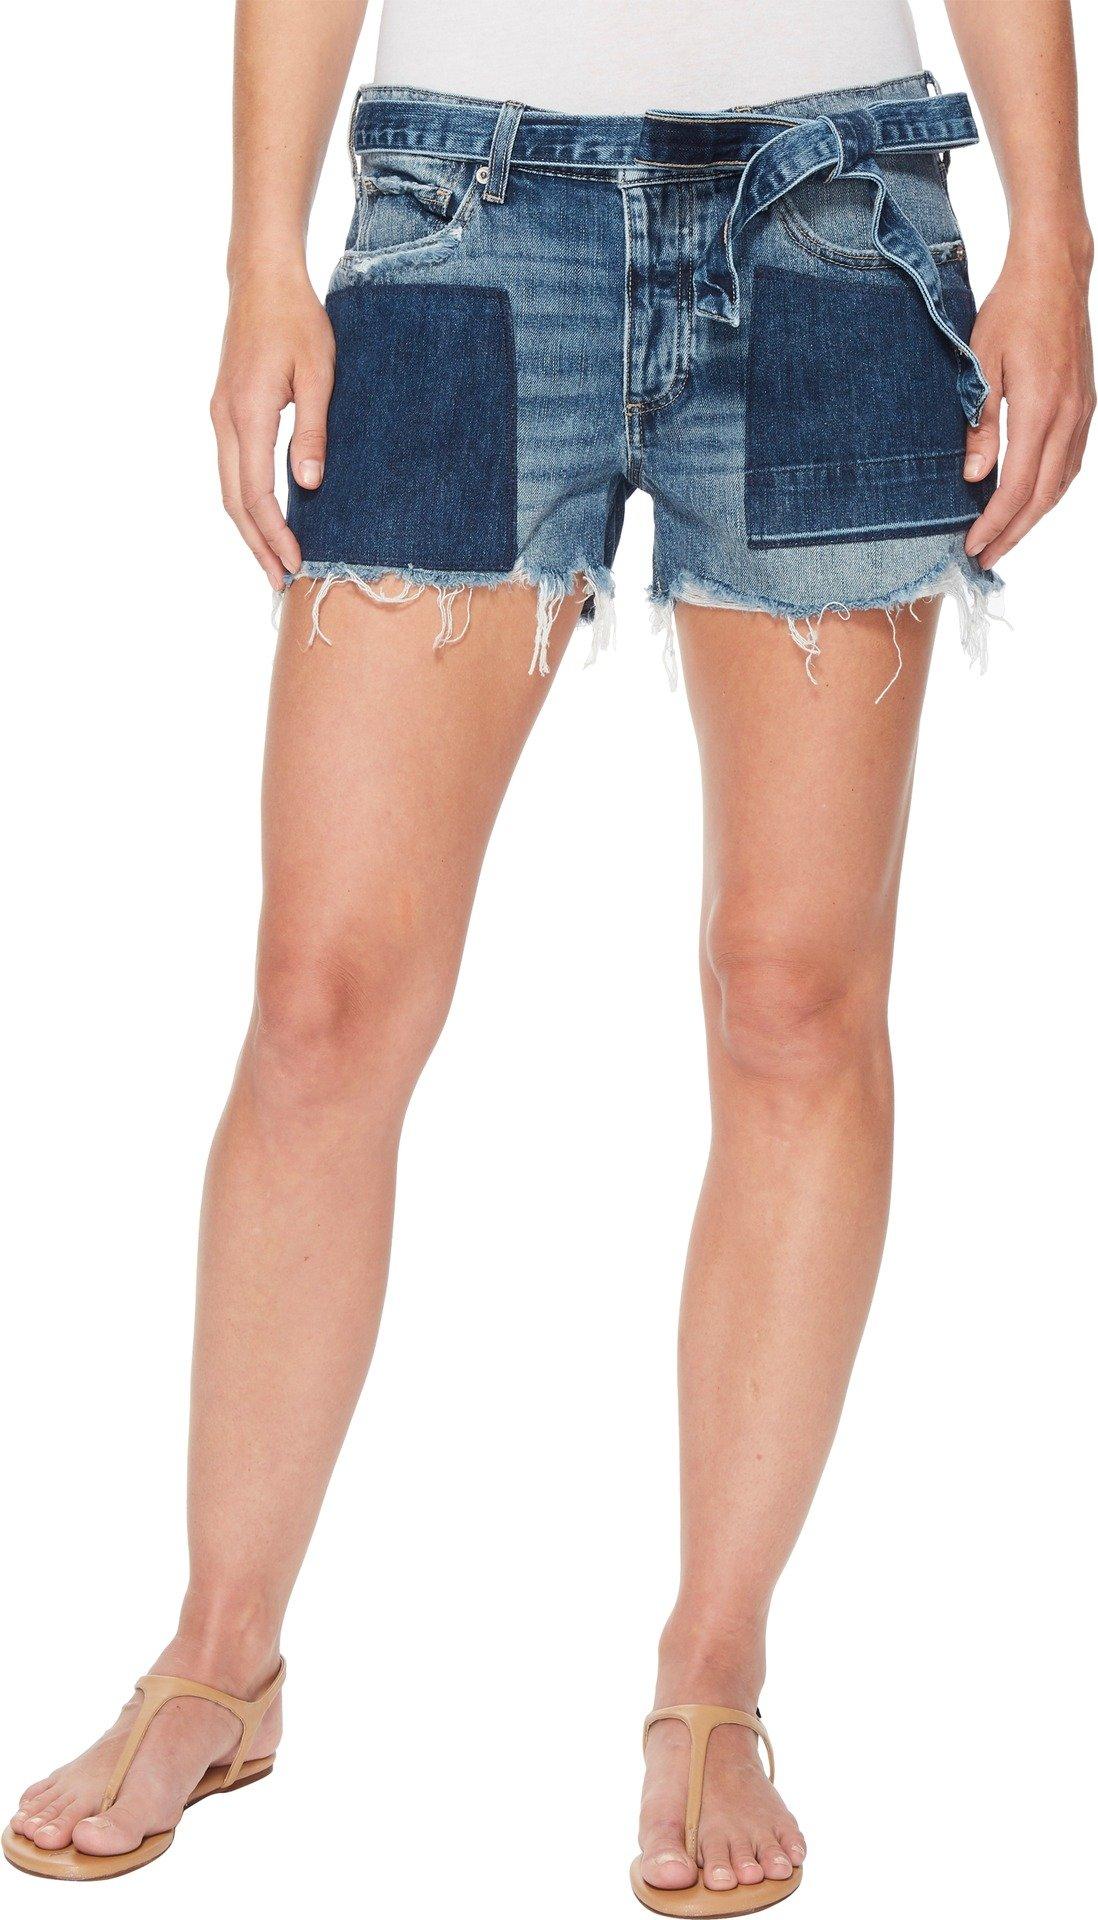 Lucky Brand Women's Low Rise Boyfriend Short Jean with Tie, Sidney, 29